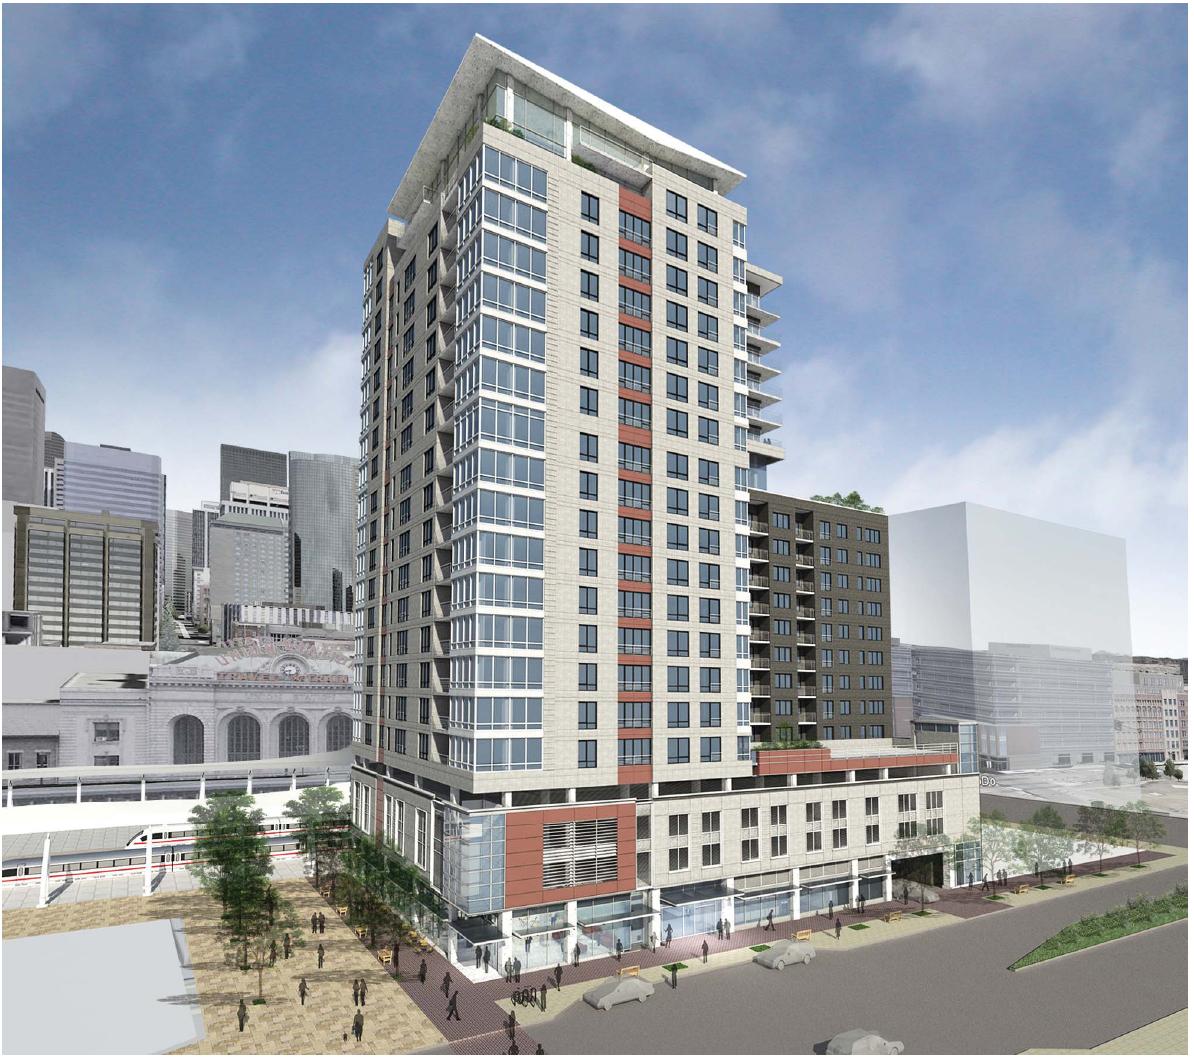 Denver 1650 Wewatta Street 230 Ft 70 M 21 Floors